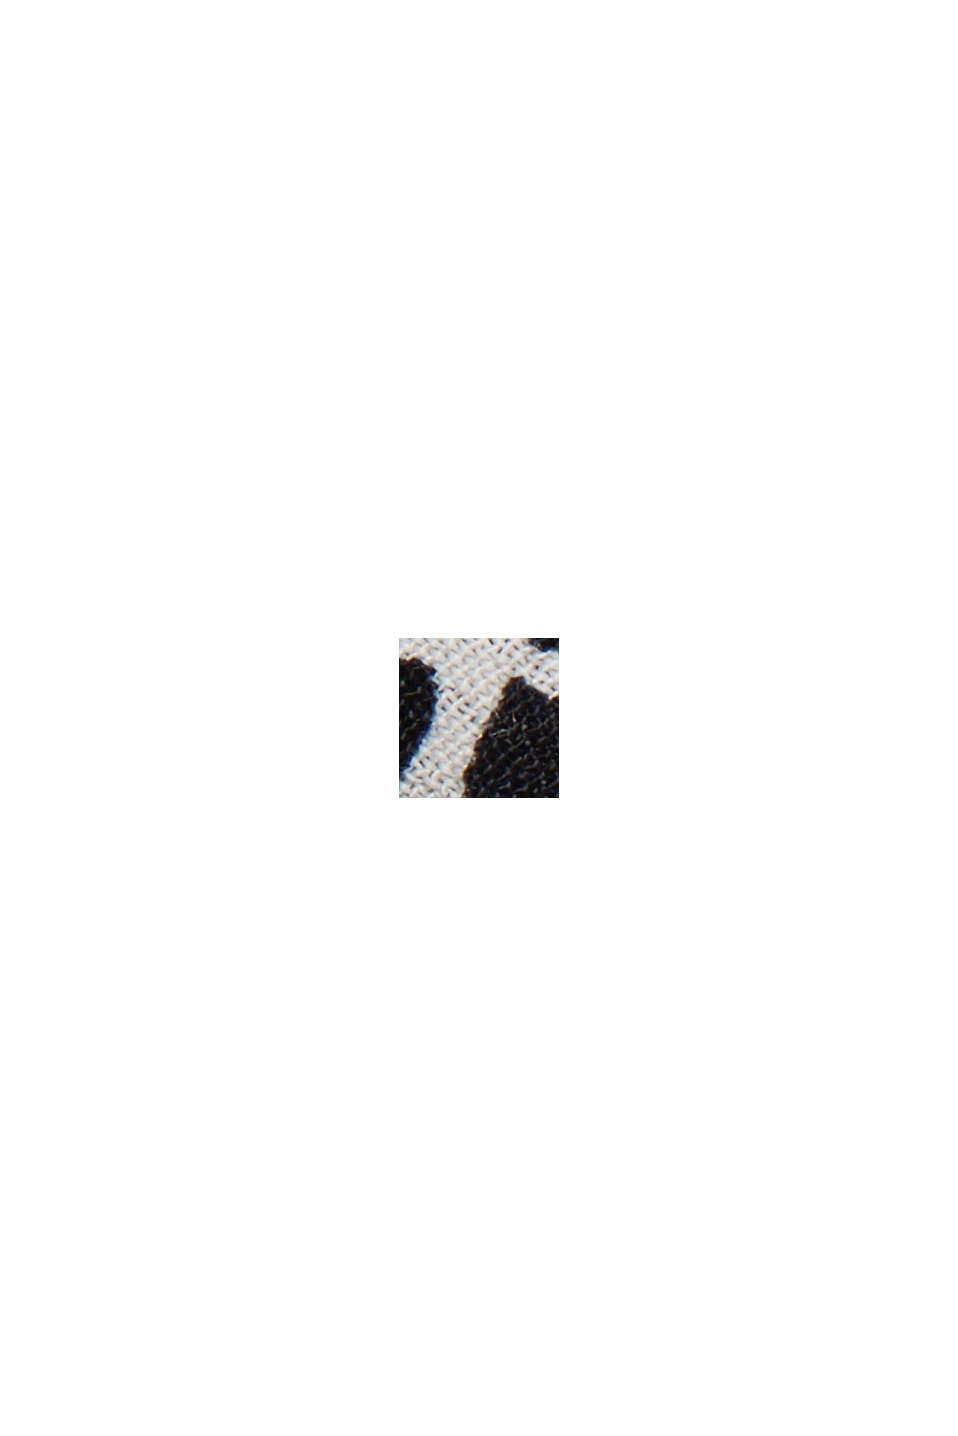 Bluzka z krepy ze zwierzęcym nadrukiem, OFF WHITE, swatch